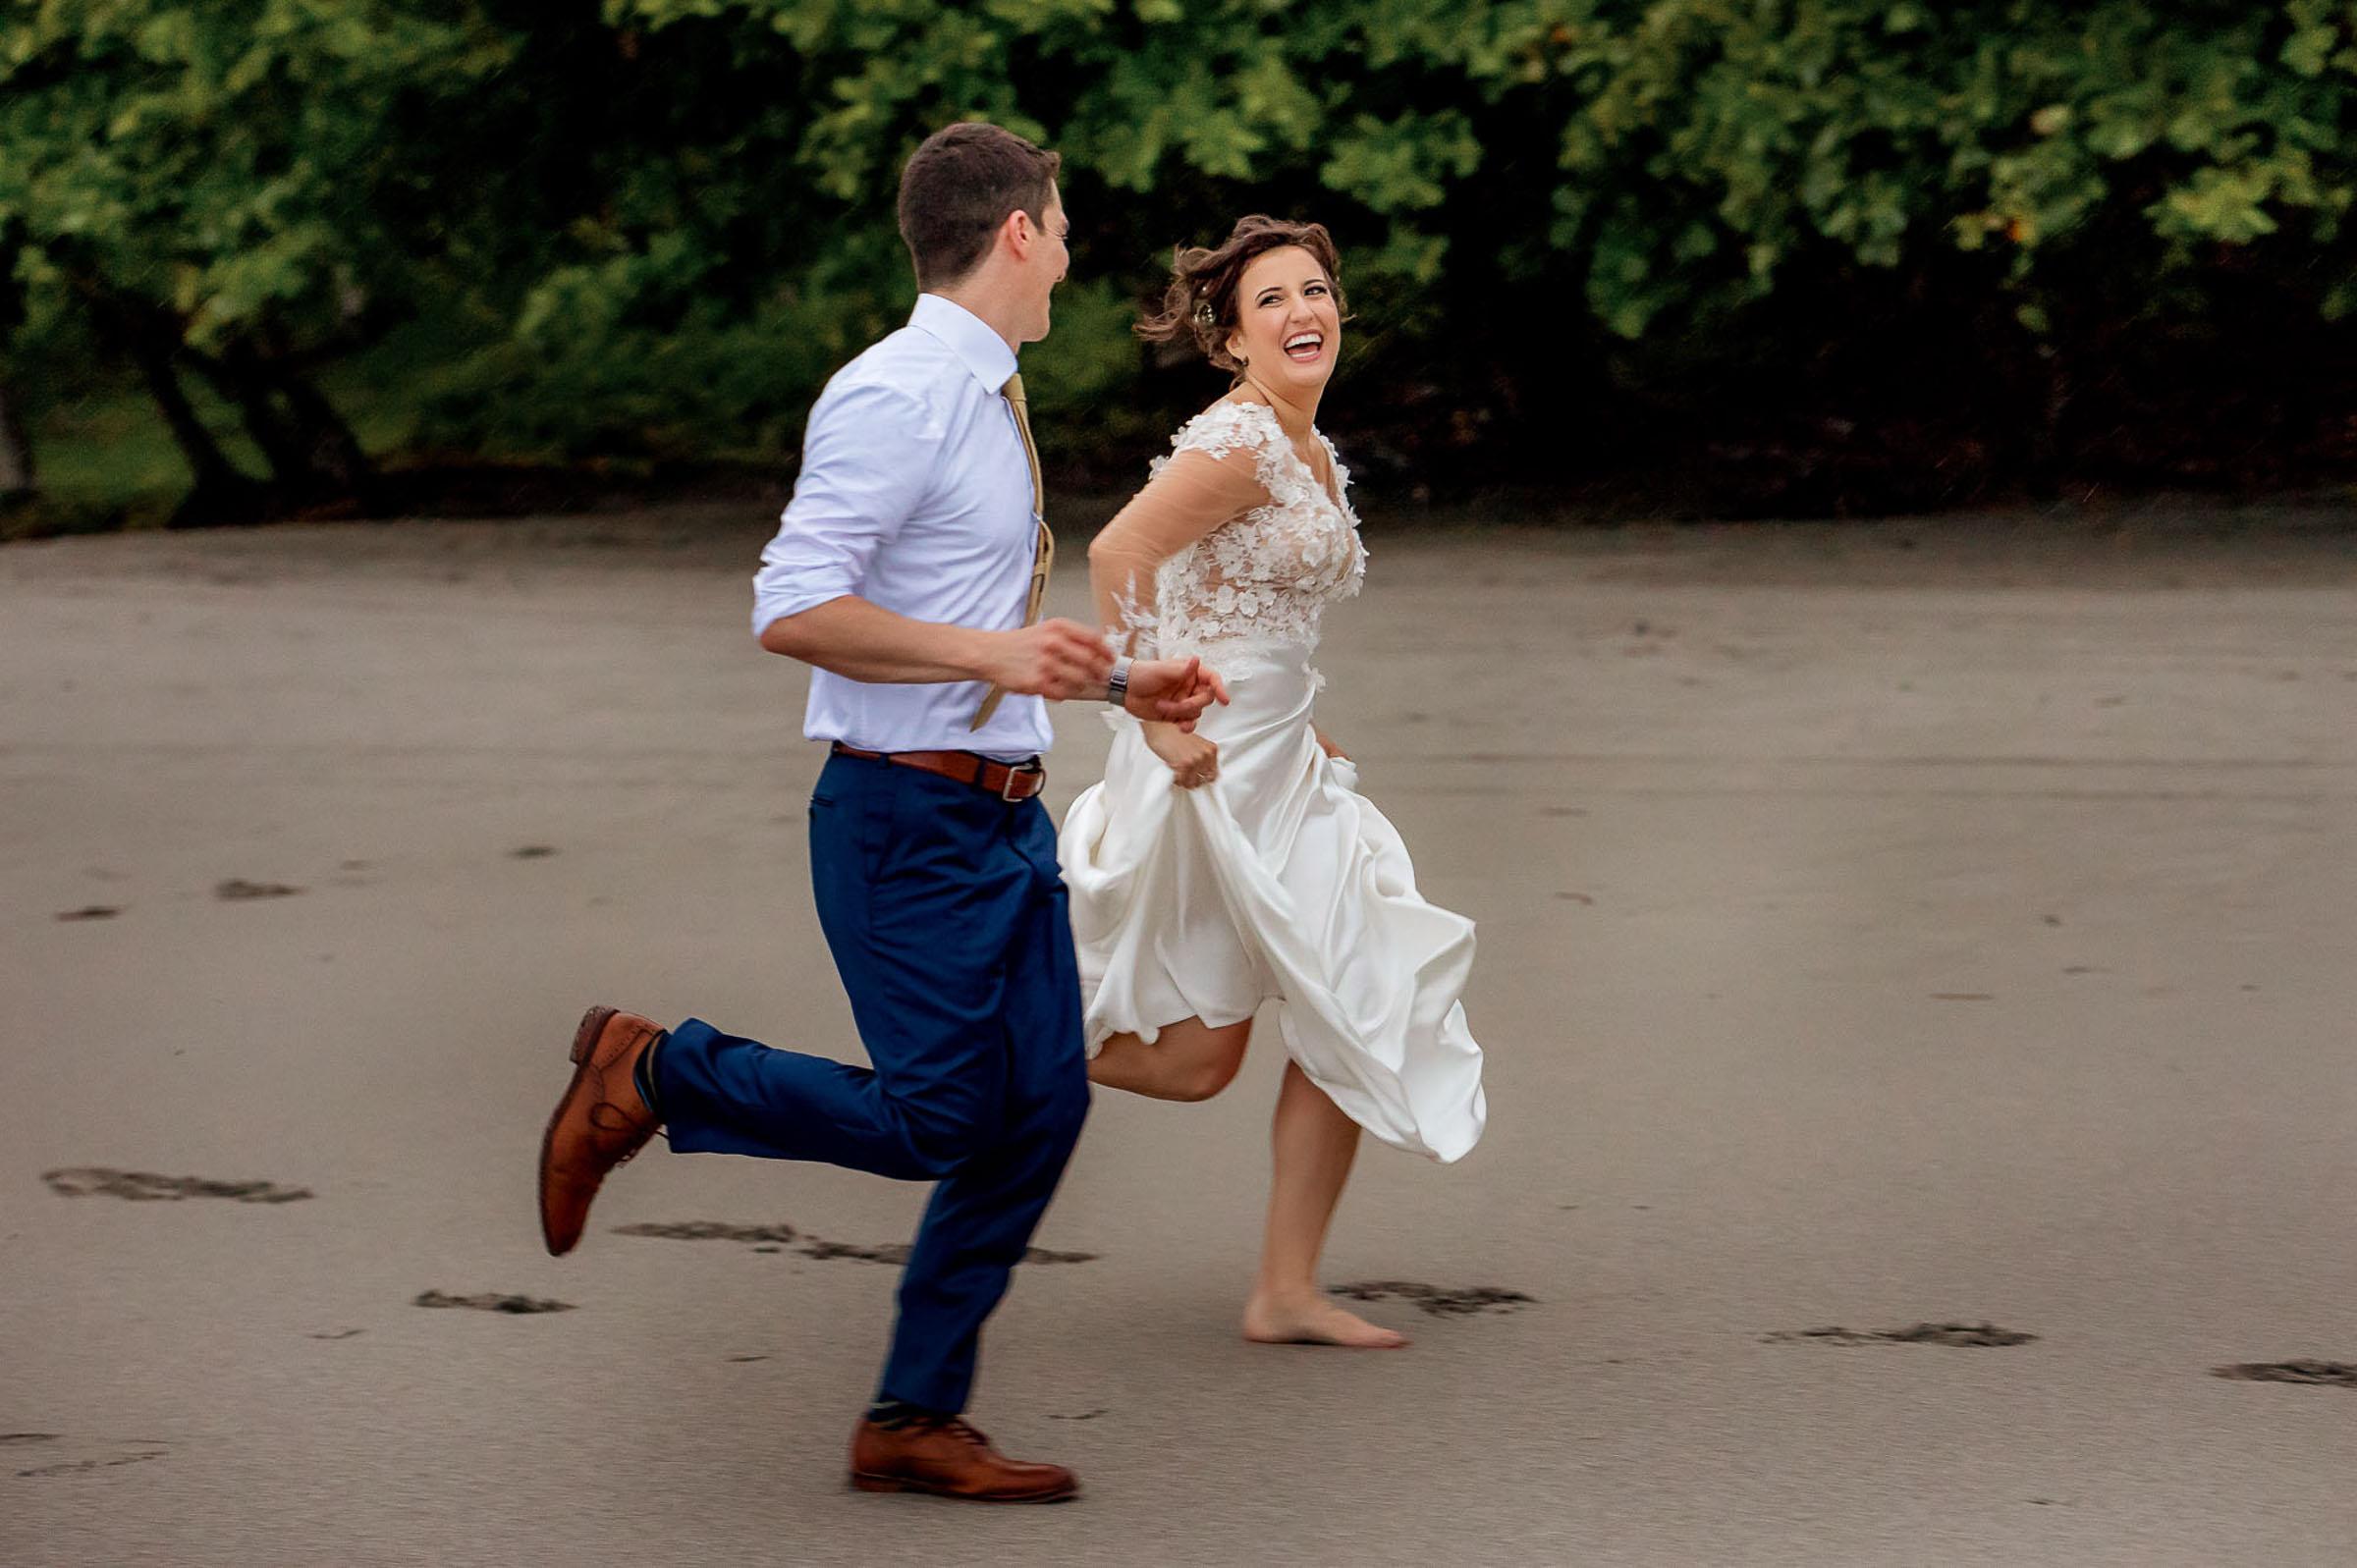 alyssa_kevin_heslin_wedding.jpg